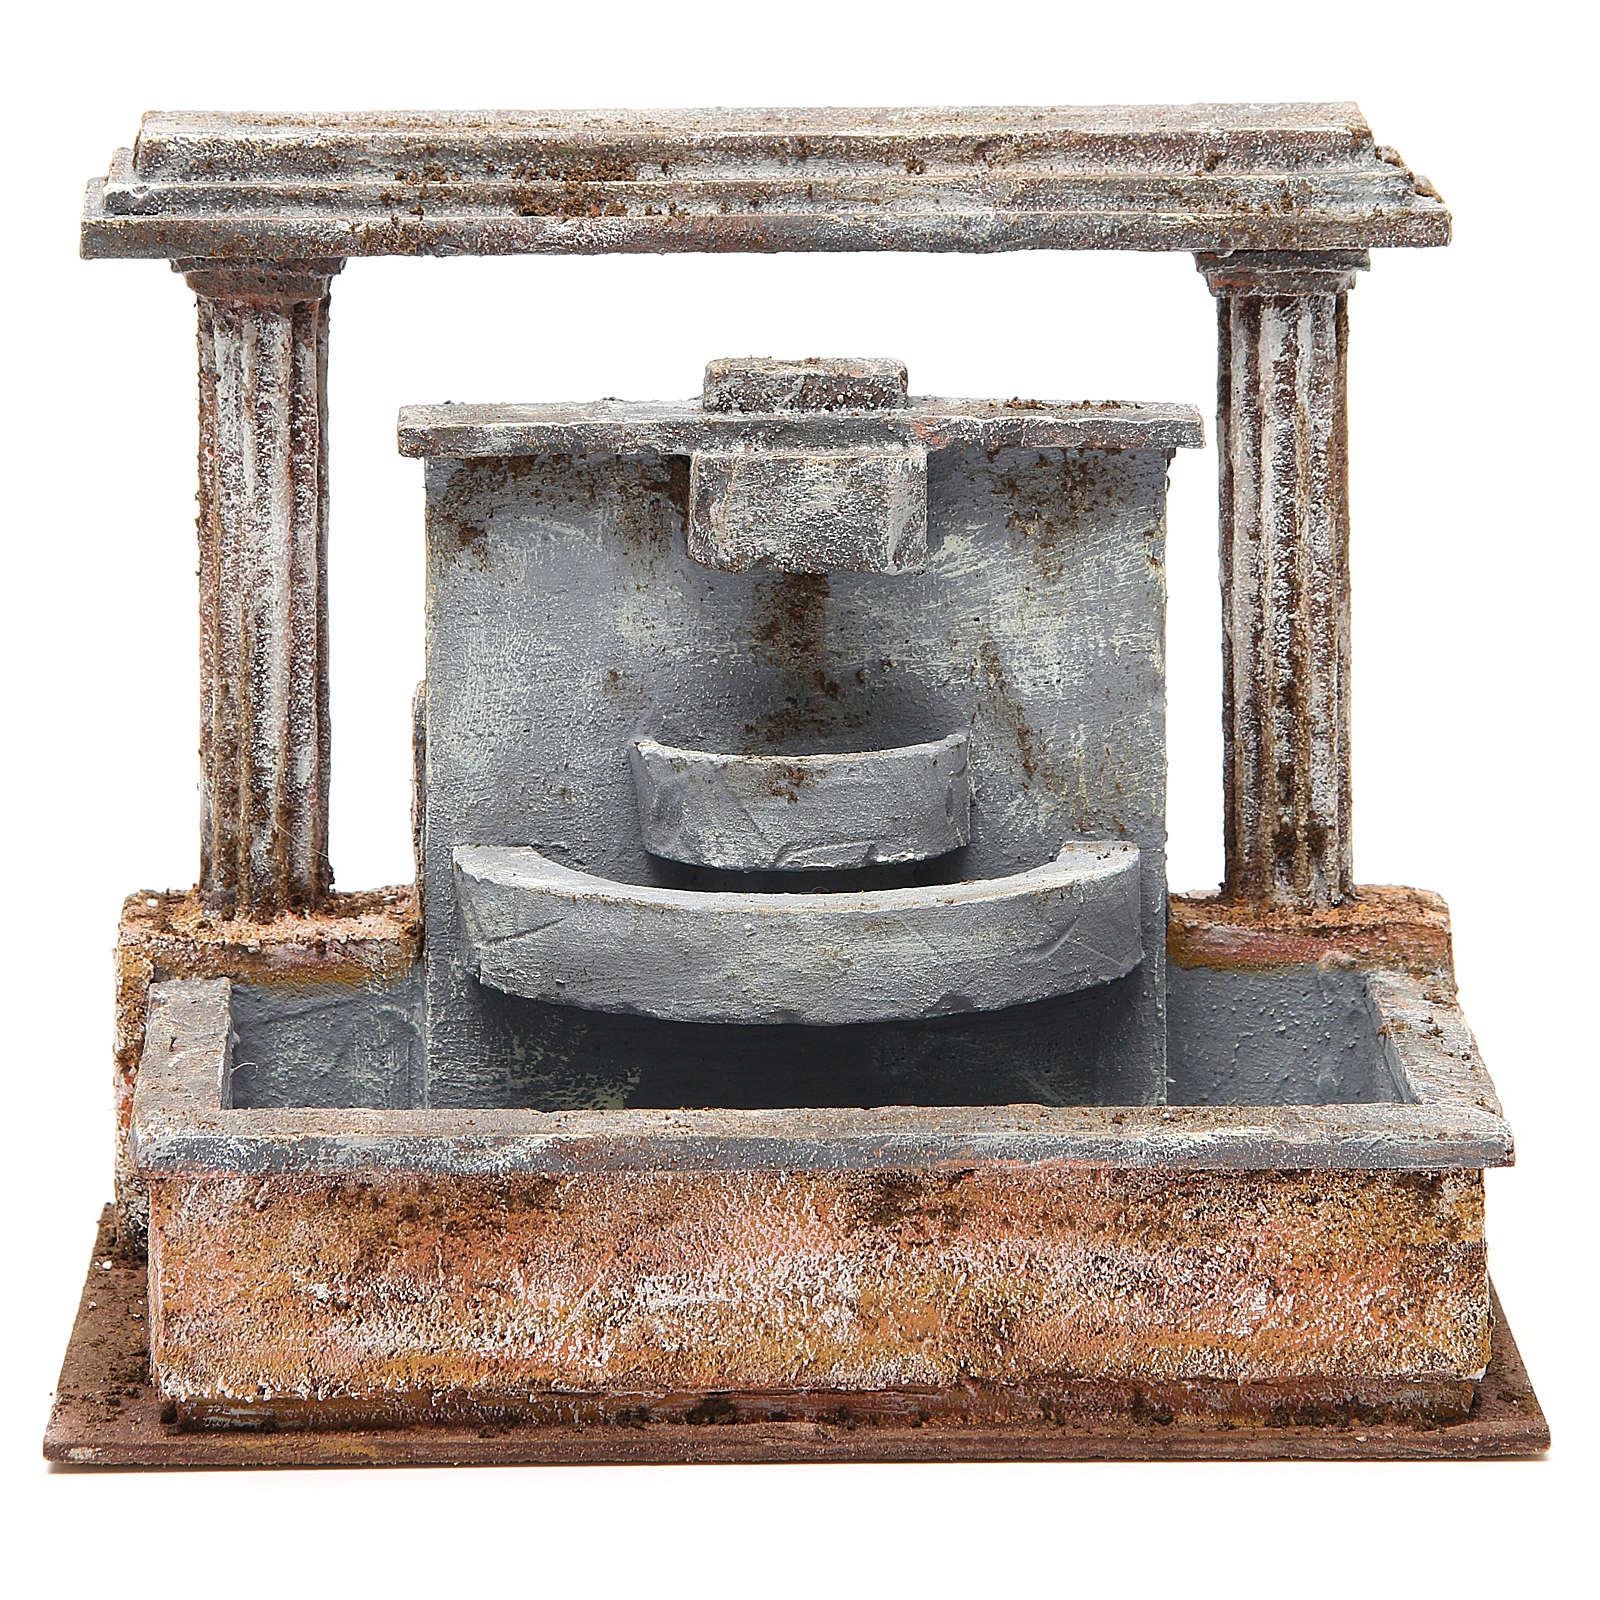 Fontaine crèche 2 colonnes effet chutes d'eau 20x25x15 cm 4